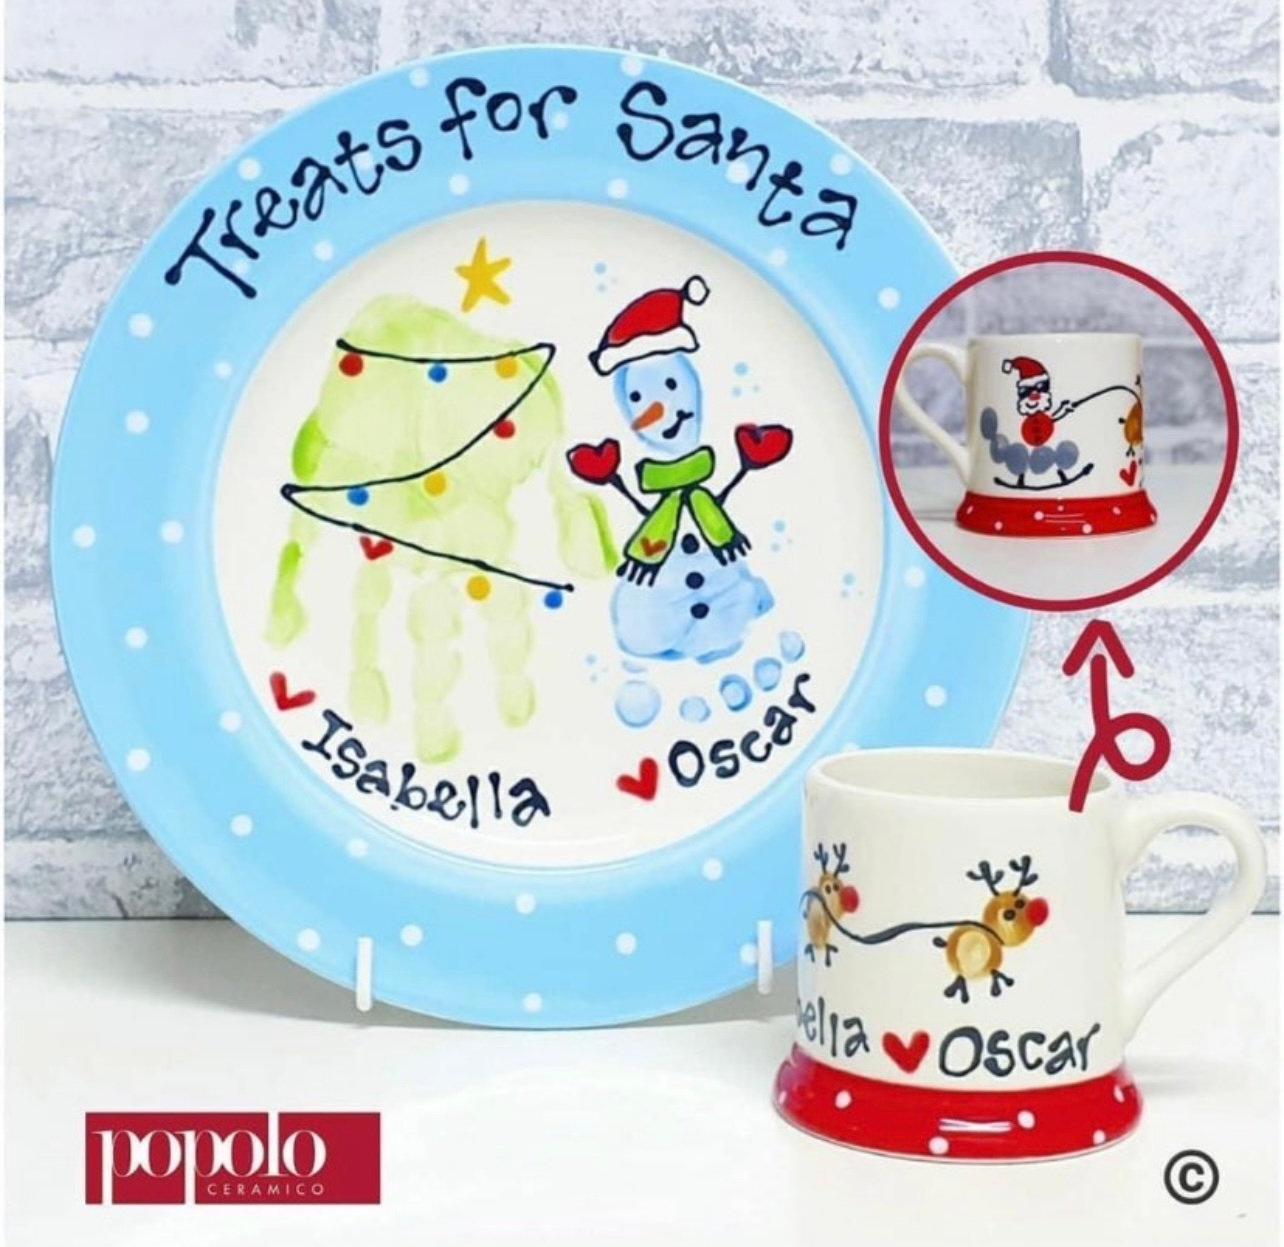 Fireflies Baby Hub with Popolo Ceramico